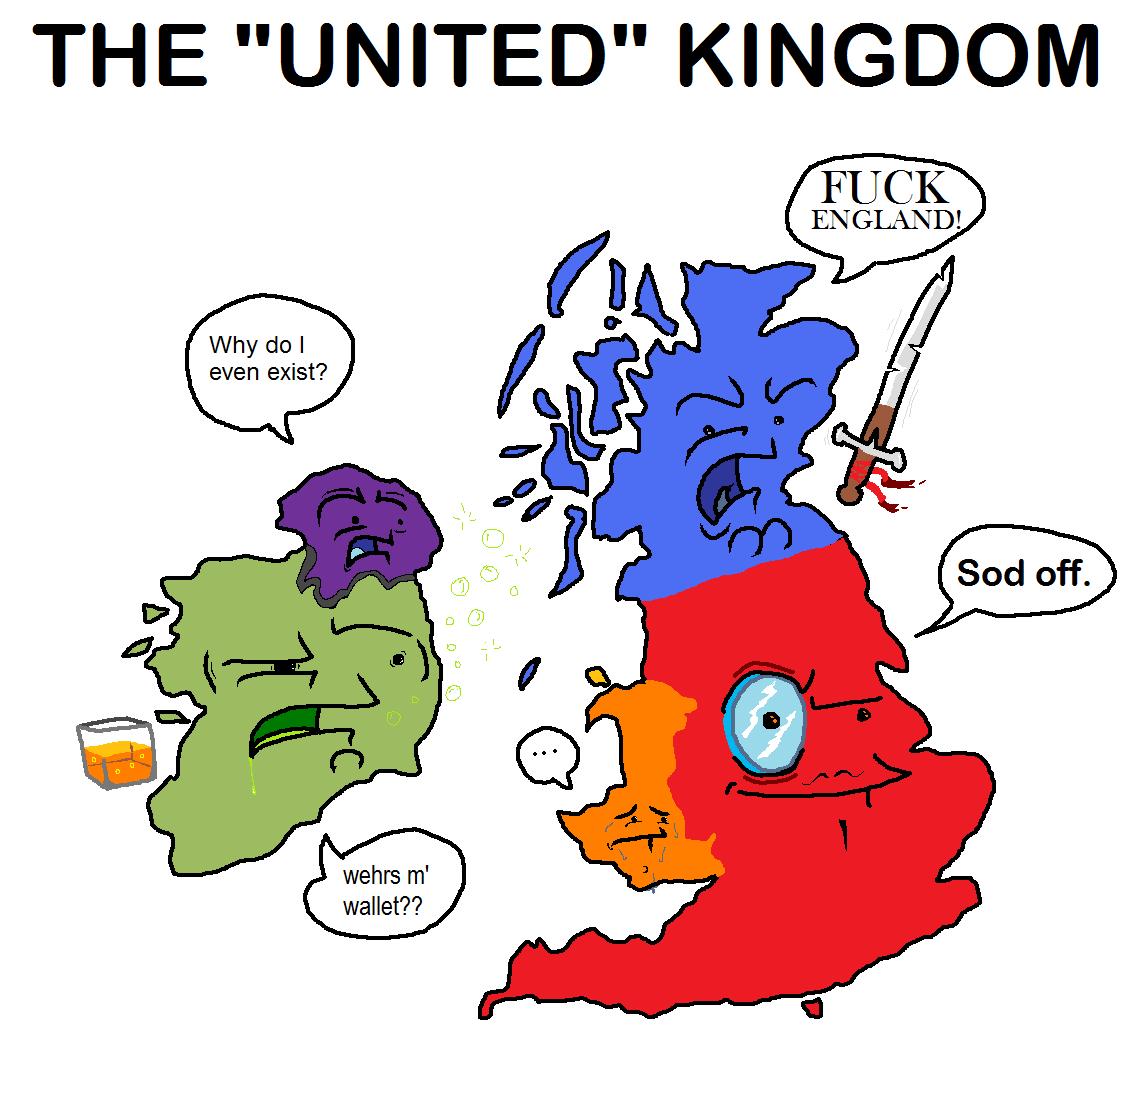 """The U.K. . THE """"UNITED"""" 'i(. u wot skotland The U K THE """"UNITED"""" 'i( u wot skotland"""